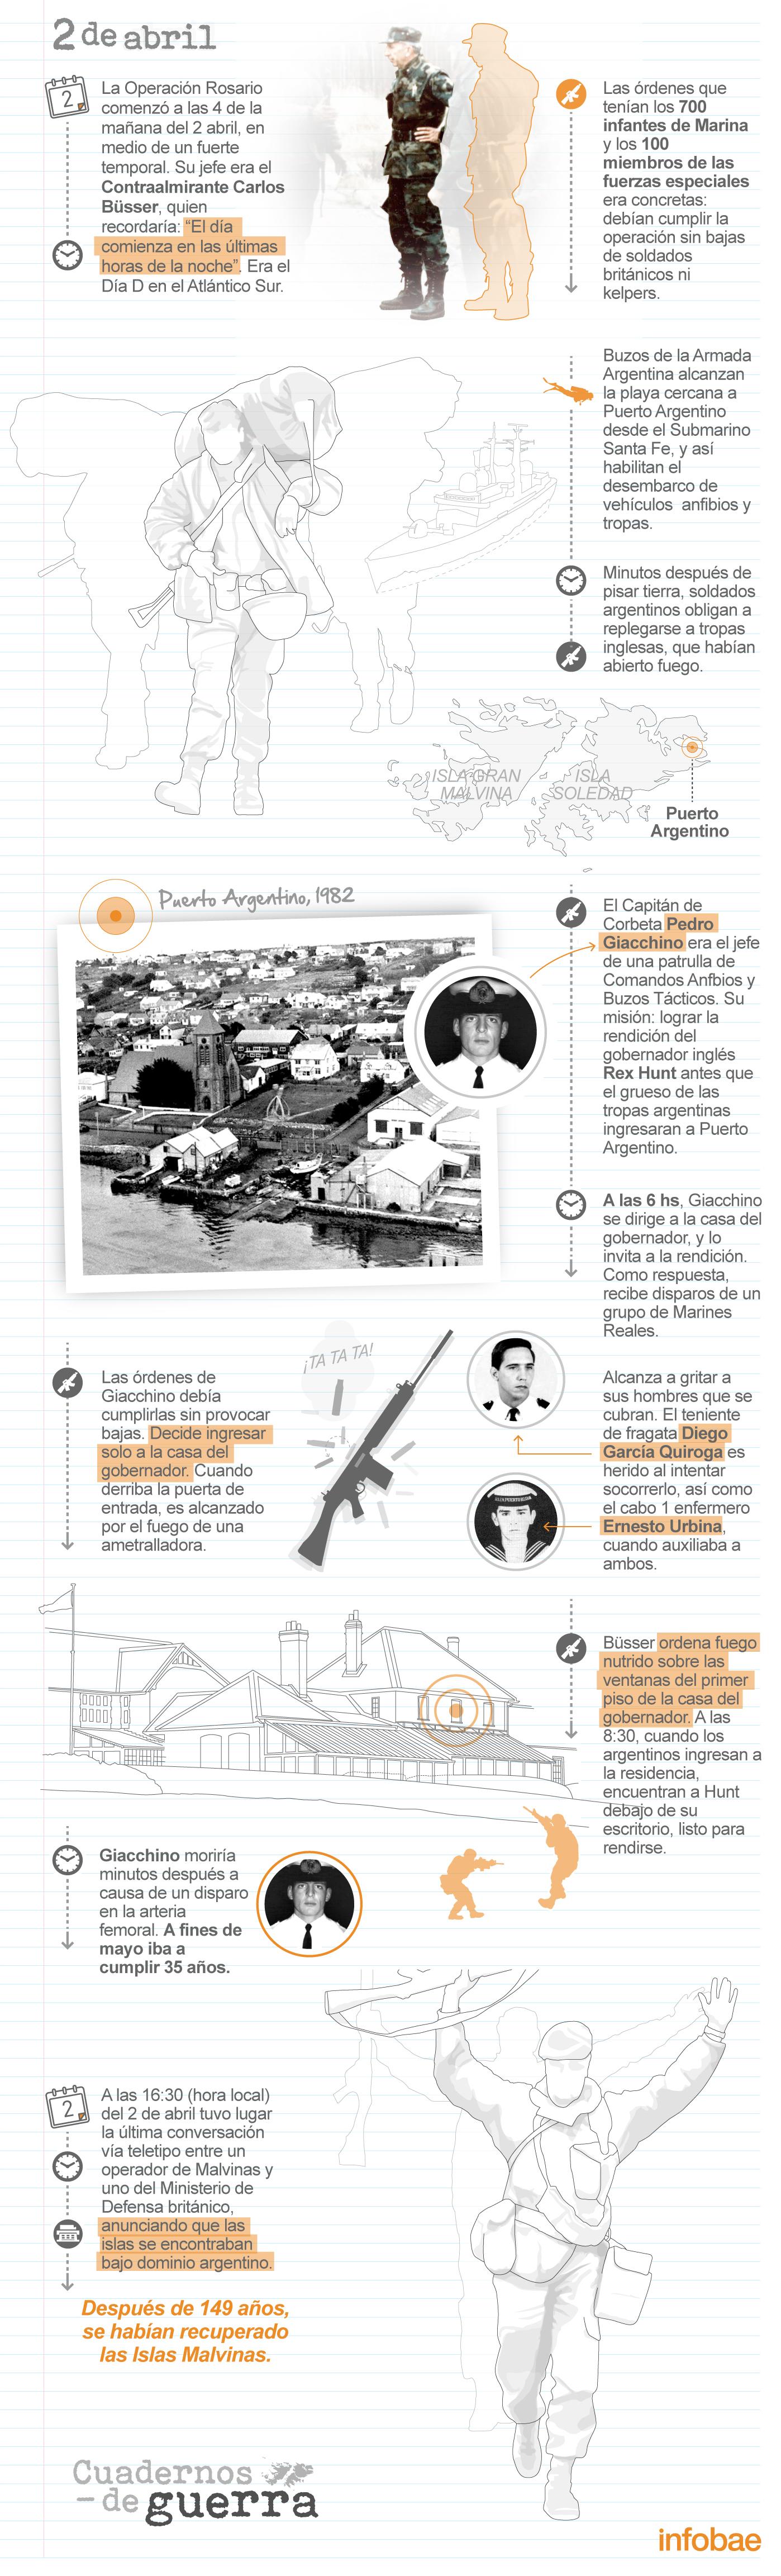 Infografía: Ignacio Sánchez